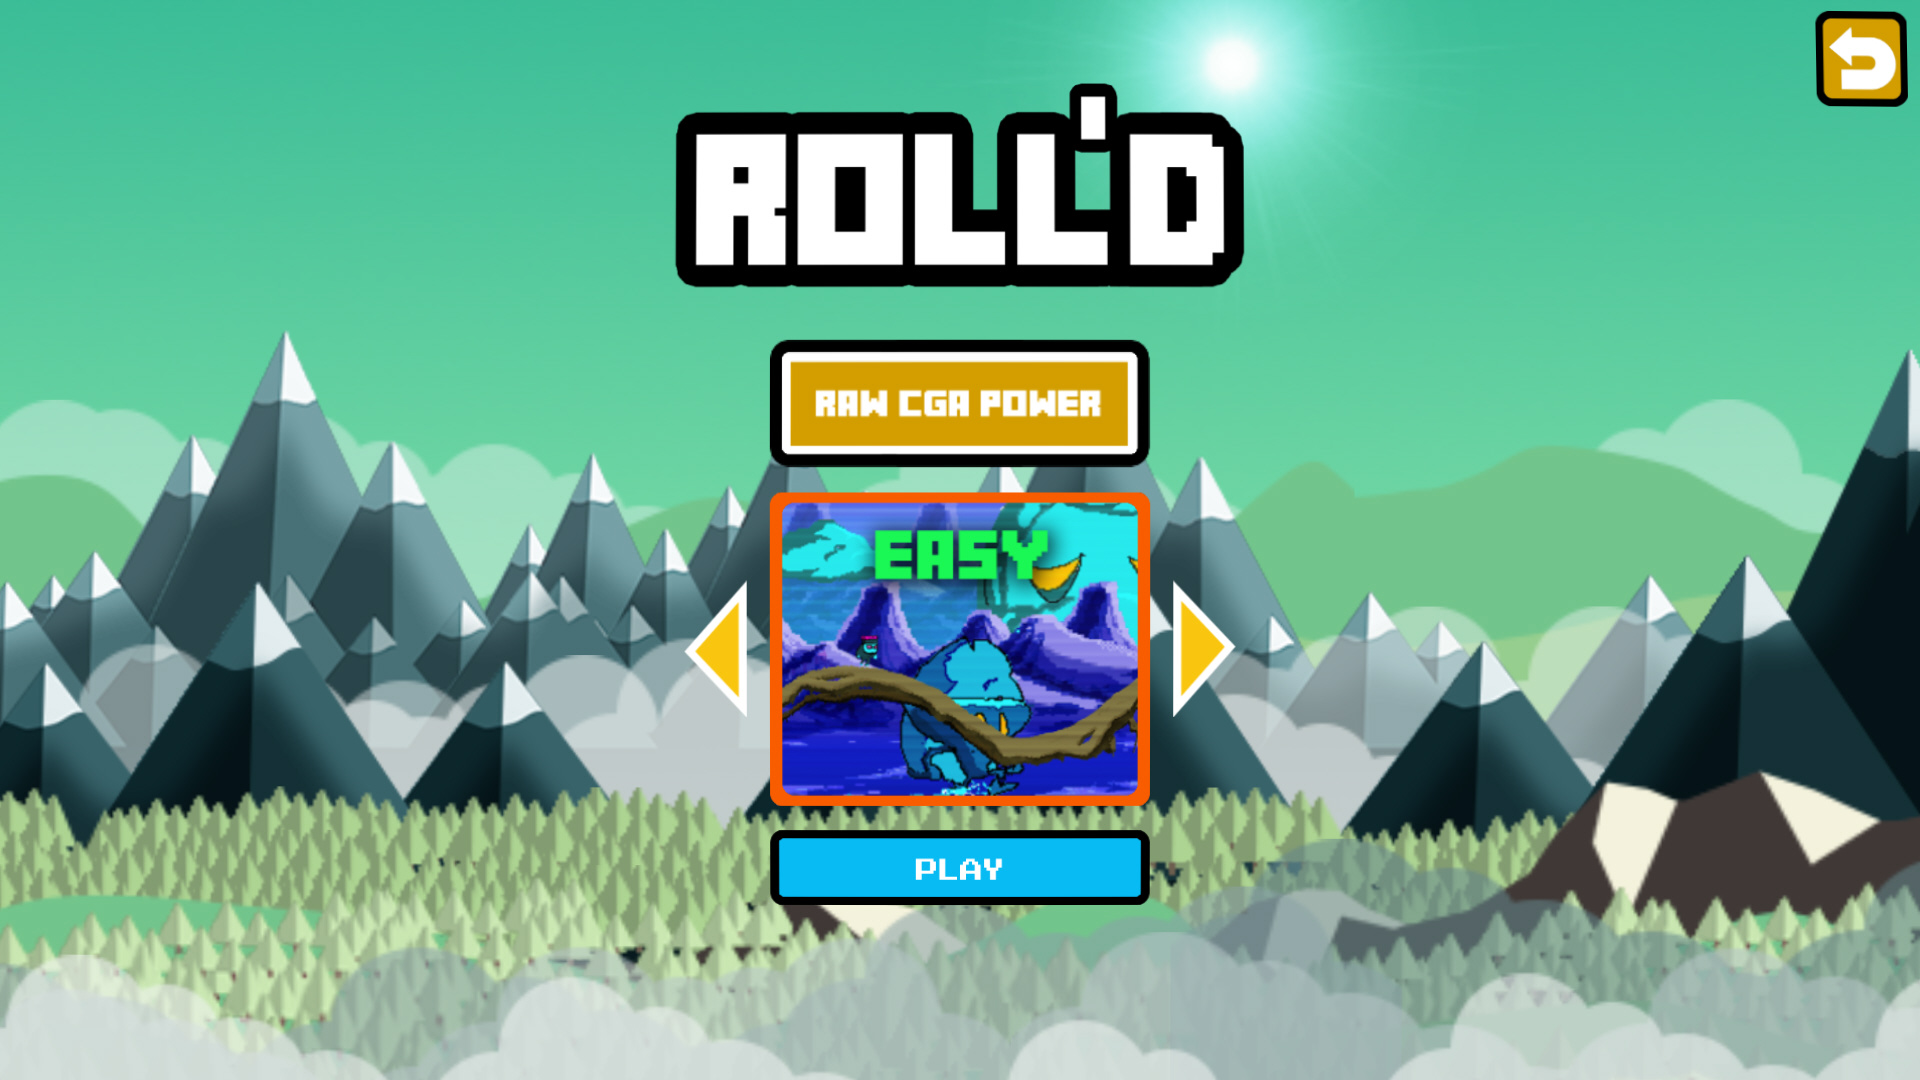 Roll'd screenshot